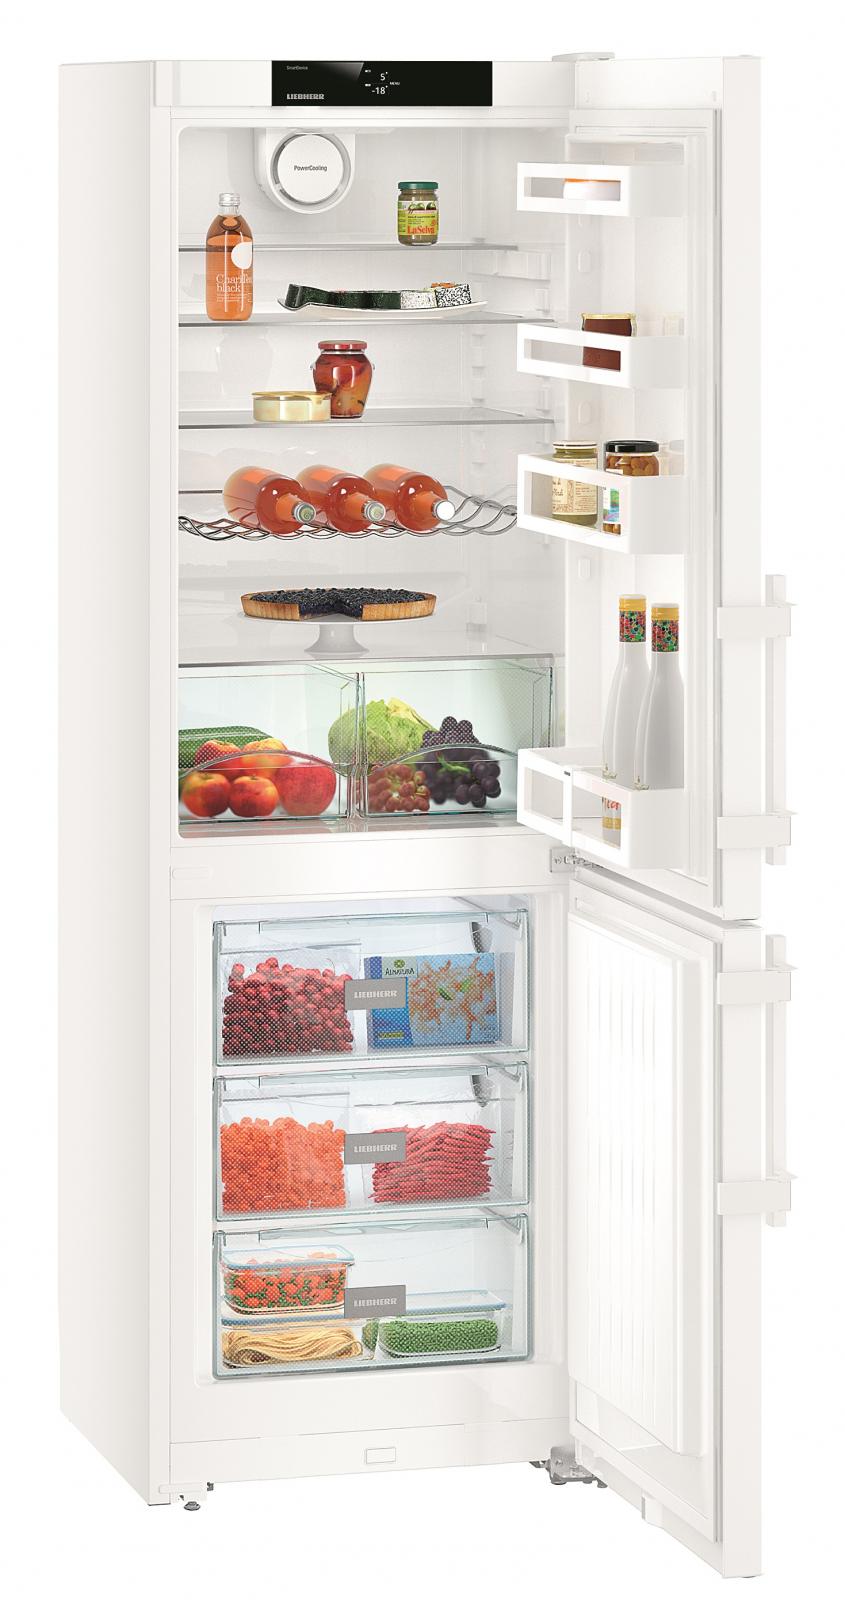 купить Двухкамерный холодильник Liebherr C 3525 Украина фото 0